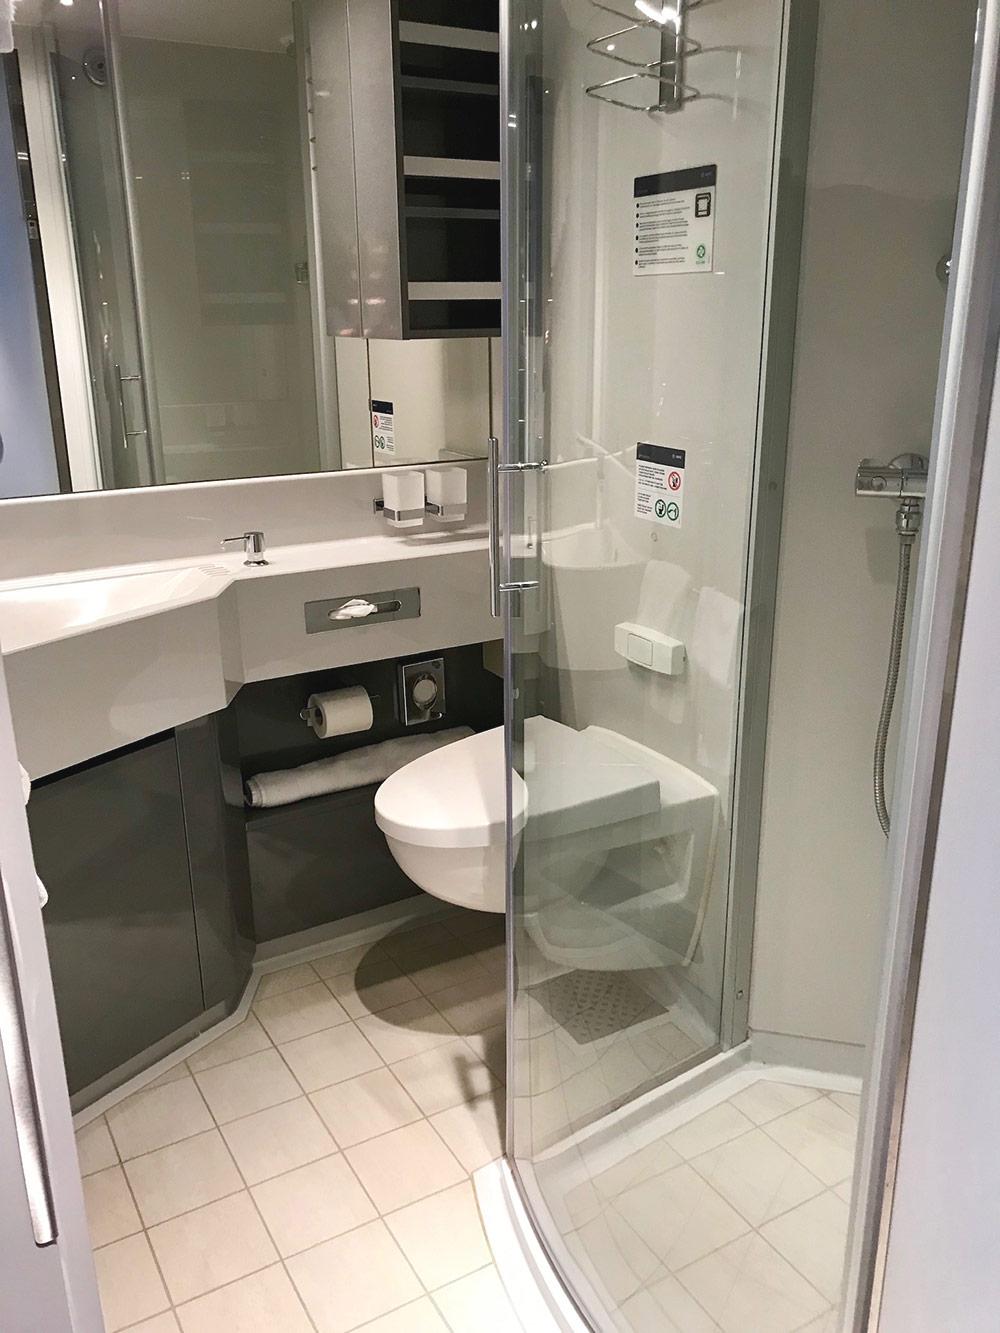 Во всех каютах есть ванная с душевой кабиной. Гель длядуша и шампунь можно с собой не брать. На более дорогих кораблях есть каюты с ванной вместо душа